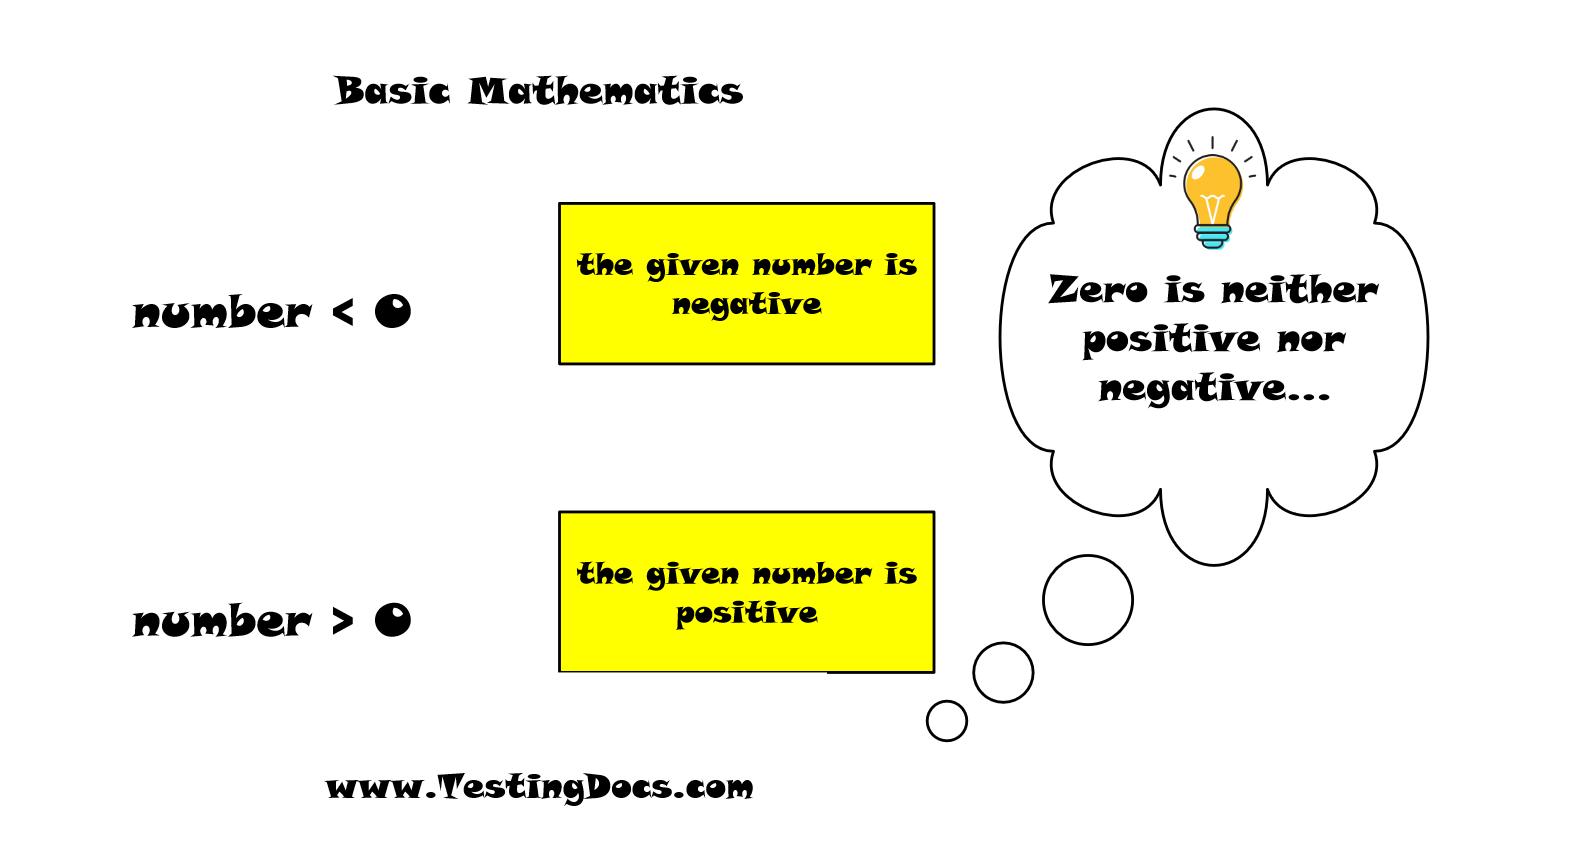 Number positive or negative